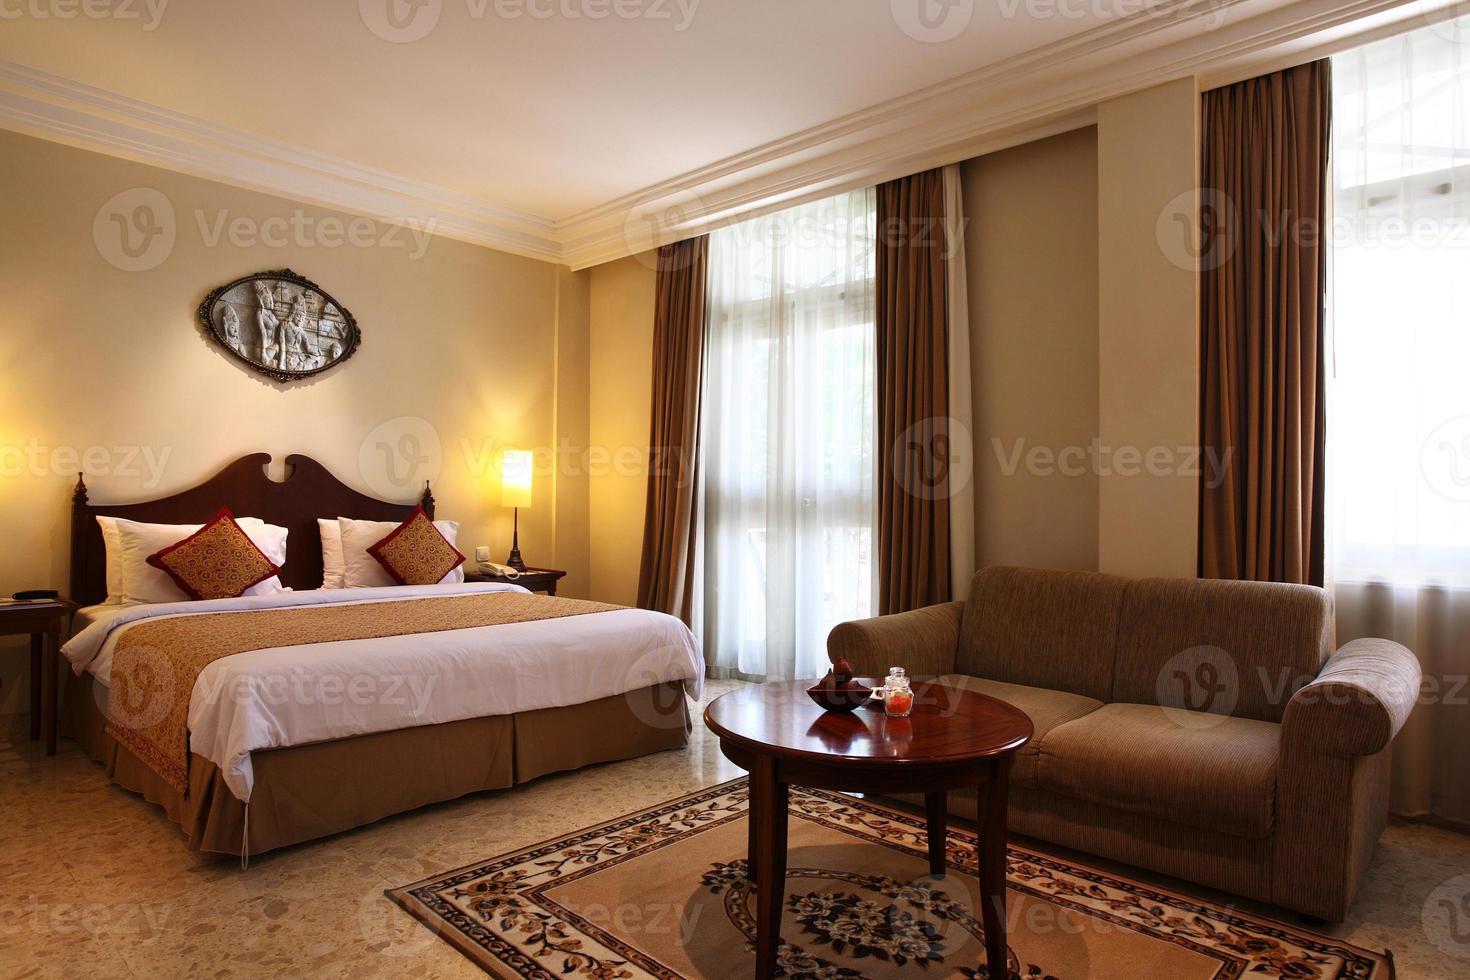 chambre d'hôtel de luxe photo